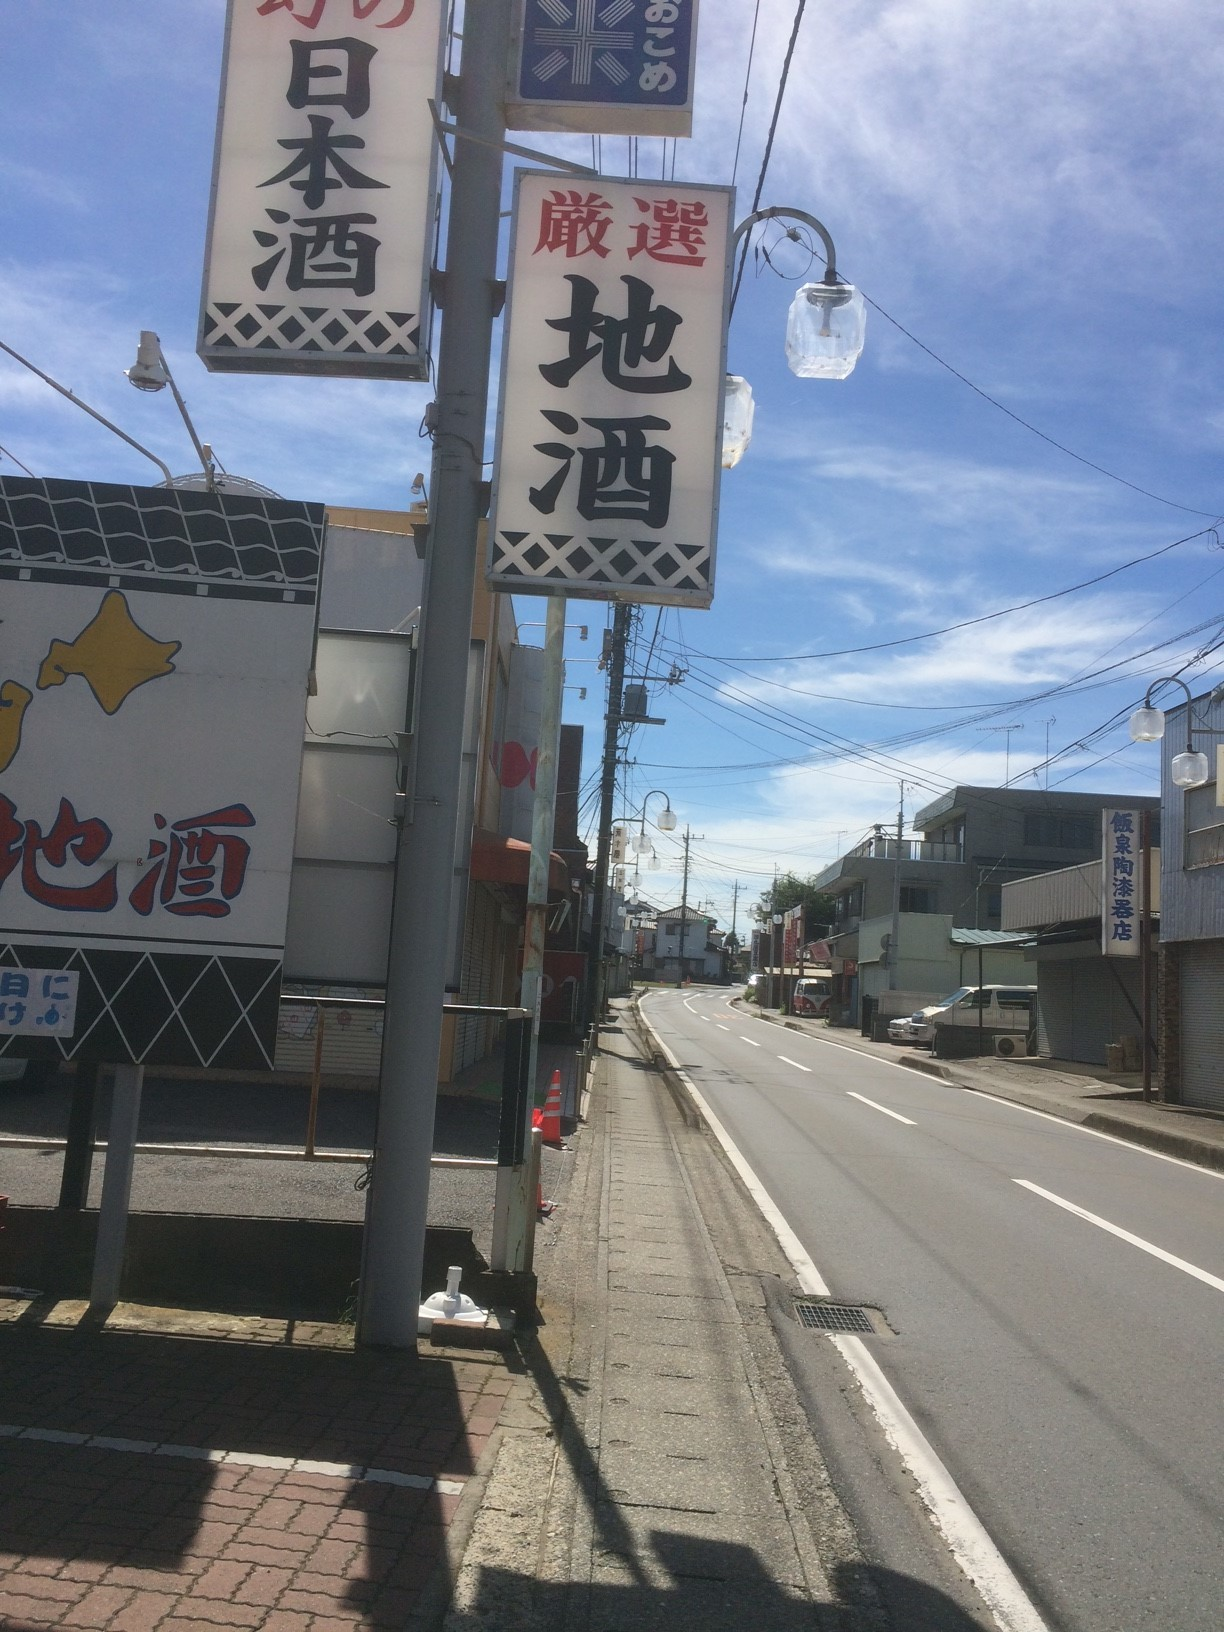 ☆7月14日(土)は13時から交通規制になります!&新入荷地ビール☆_c0175182_14353766.jpg